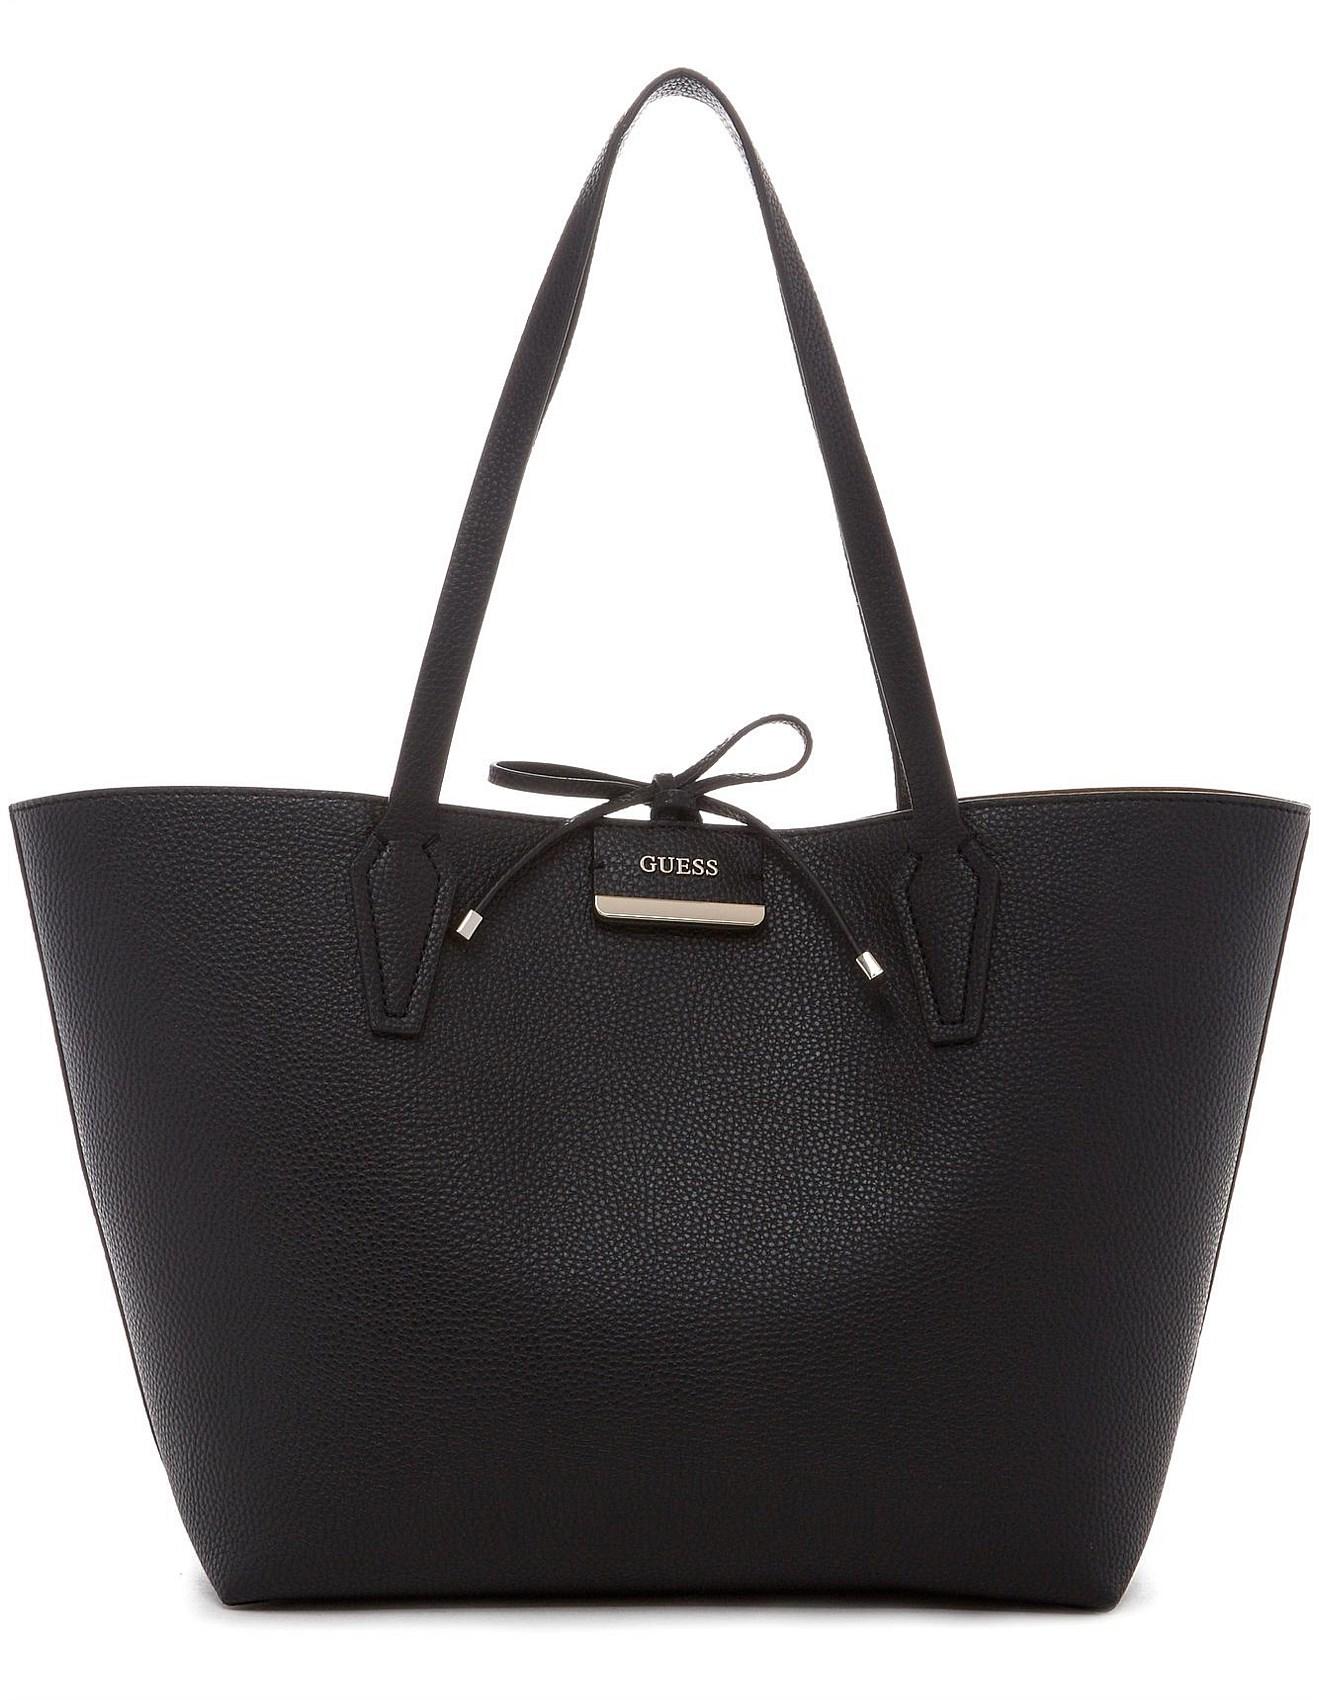 9e08a2b2c42 Guess   Buy Guess Handbags & Shoes Online   David Jones - BOBBI ...